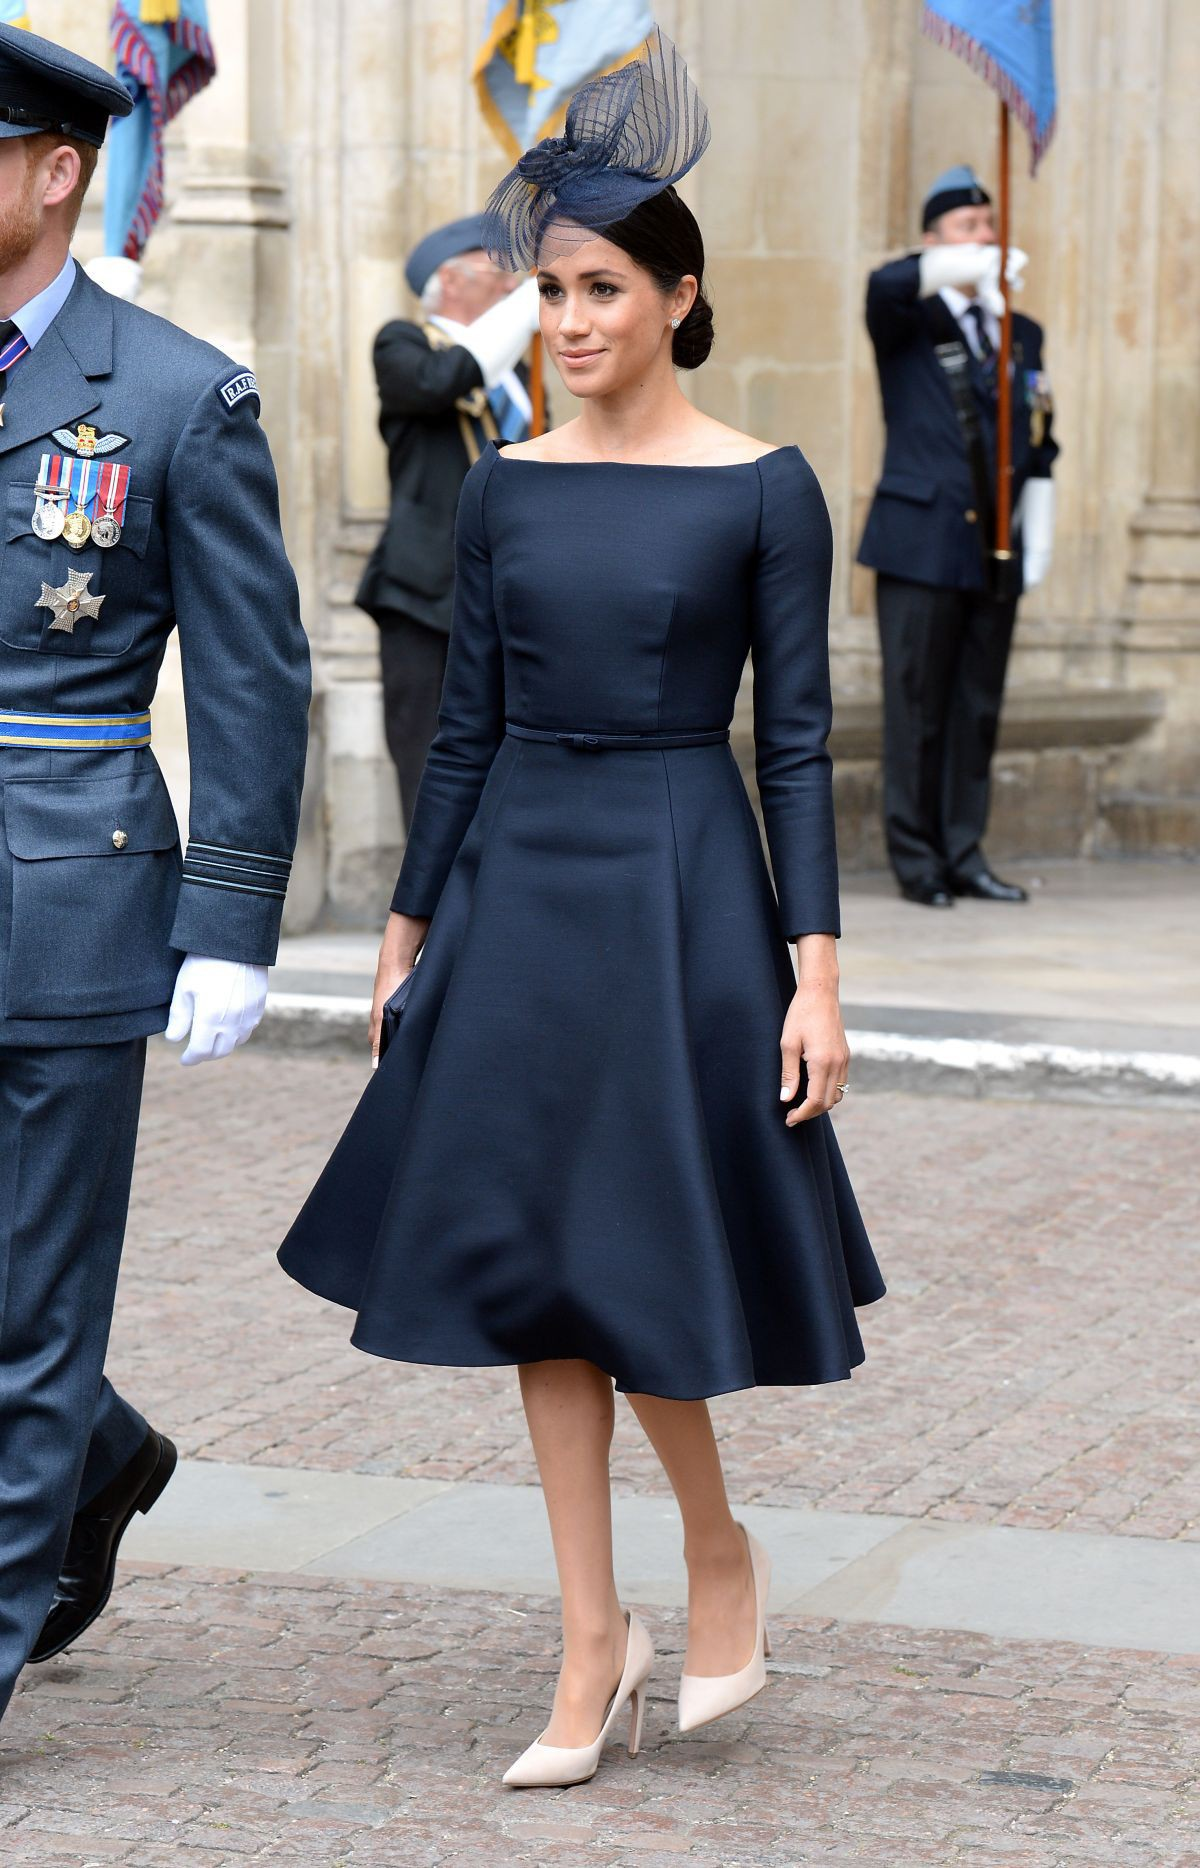 Chỉ mới 3 tháng làm dâu Hoàng gia nhưng Công nương Meghan Markle đã vướng không dưới 5 tranh cãi về trang phục - Ảnh 5.